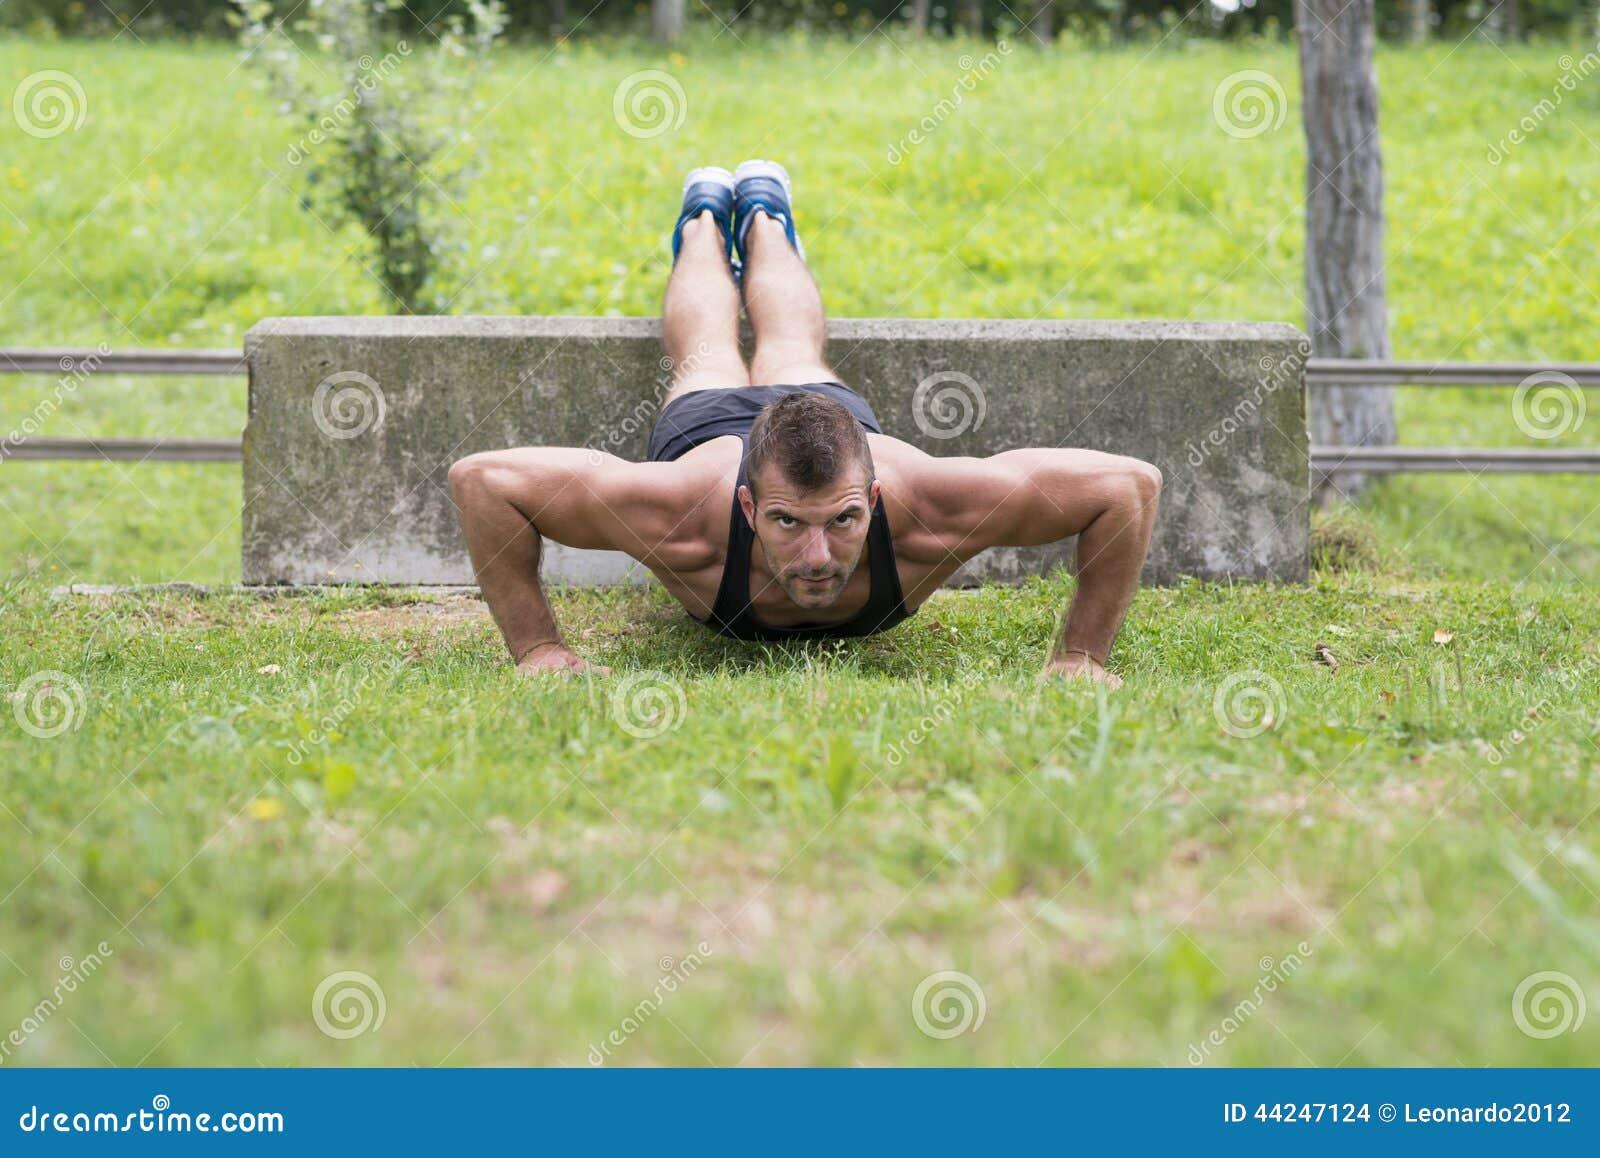 O homem que atlético fazer empurra levanta, exterior